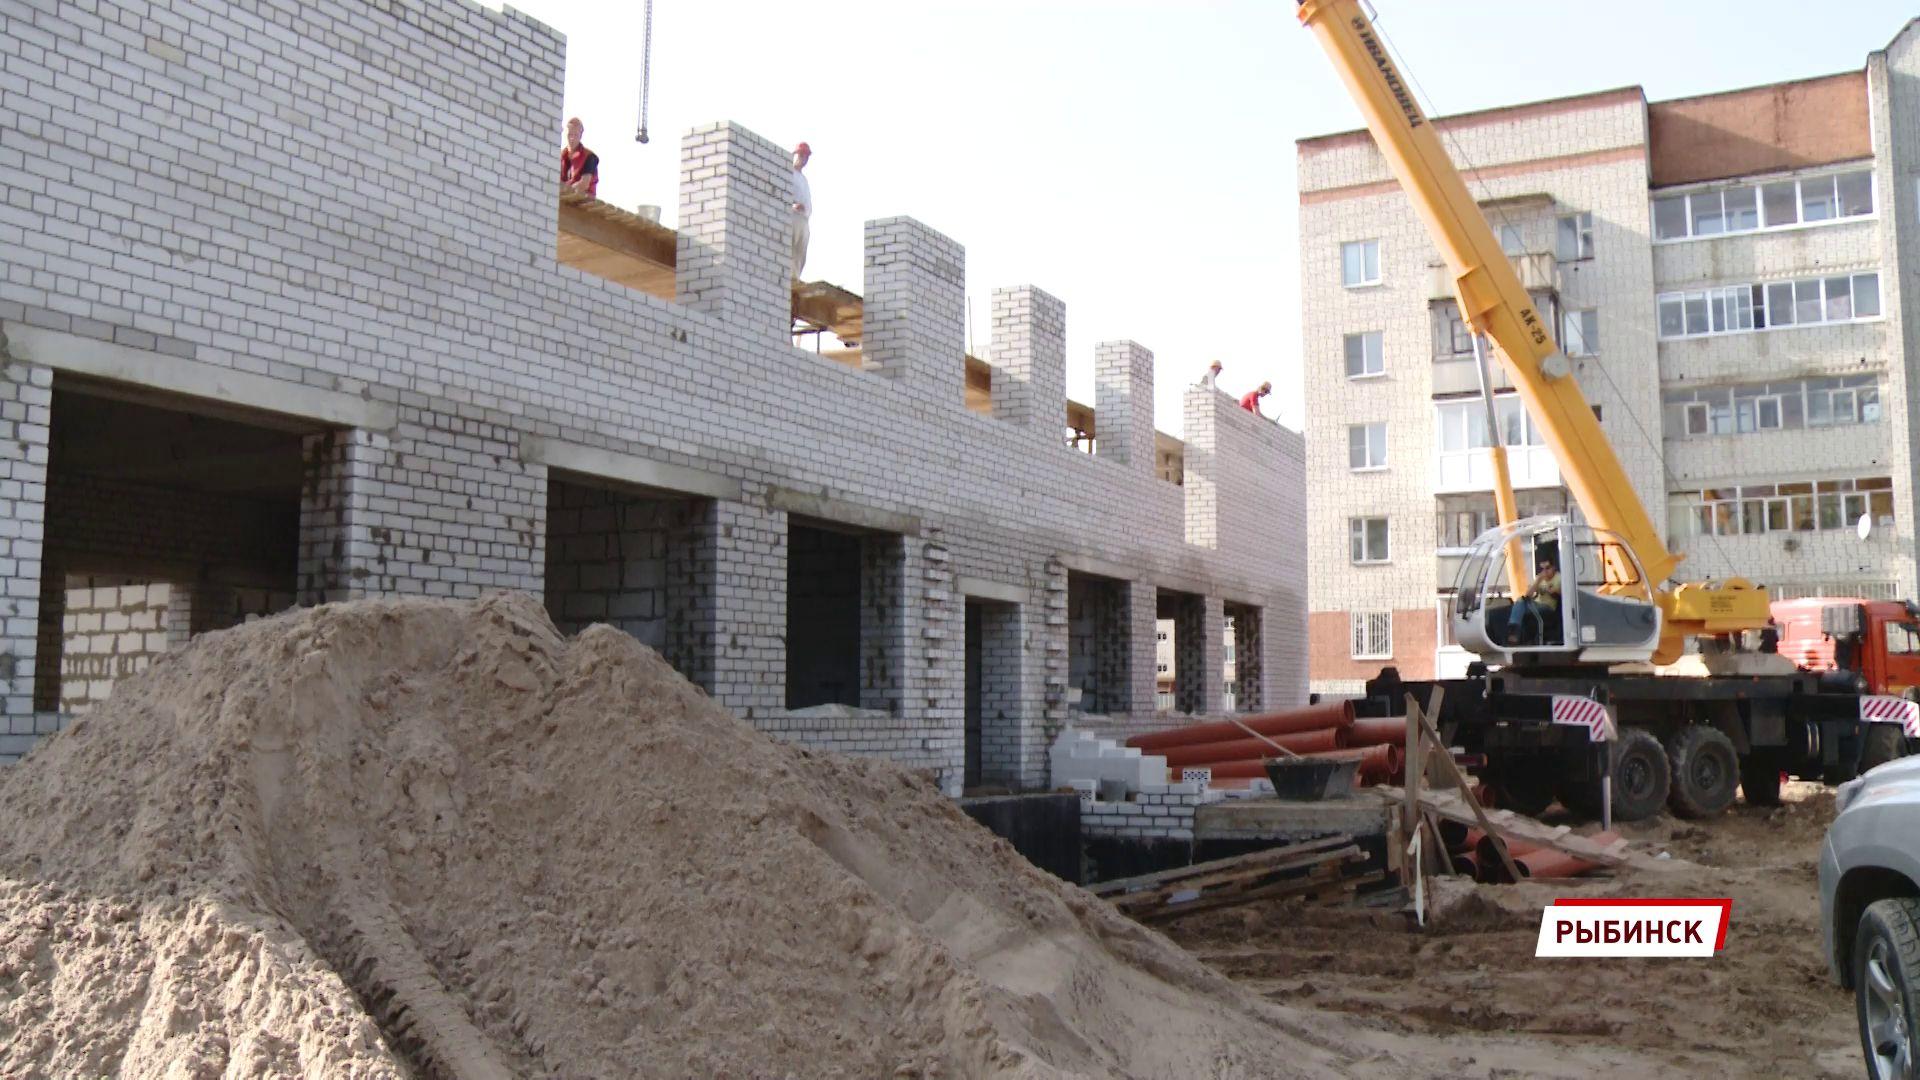 В Рыбинске скоро откроются детский сад и ясли